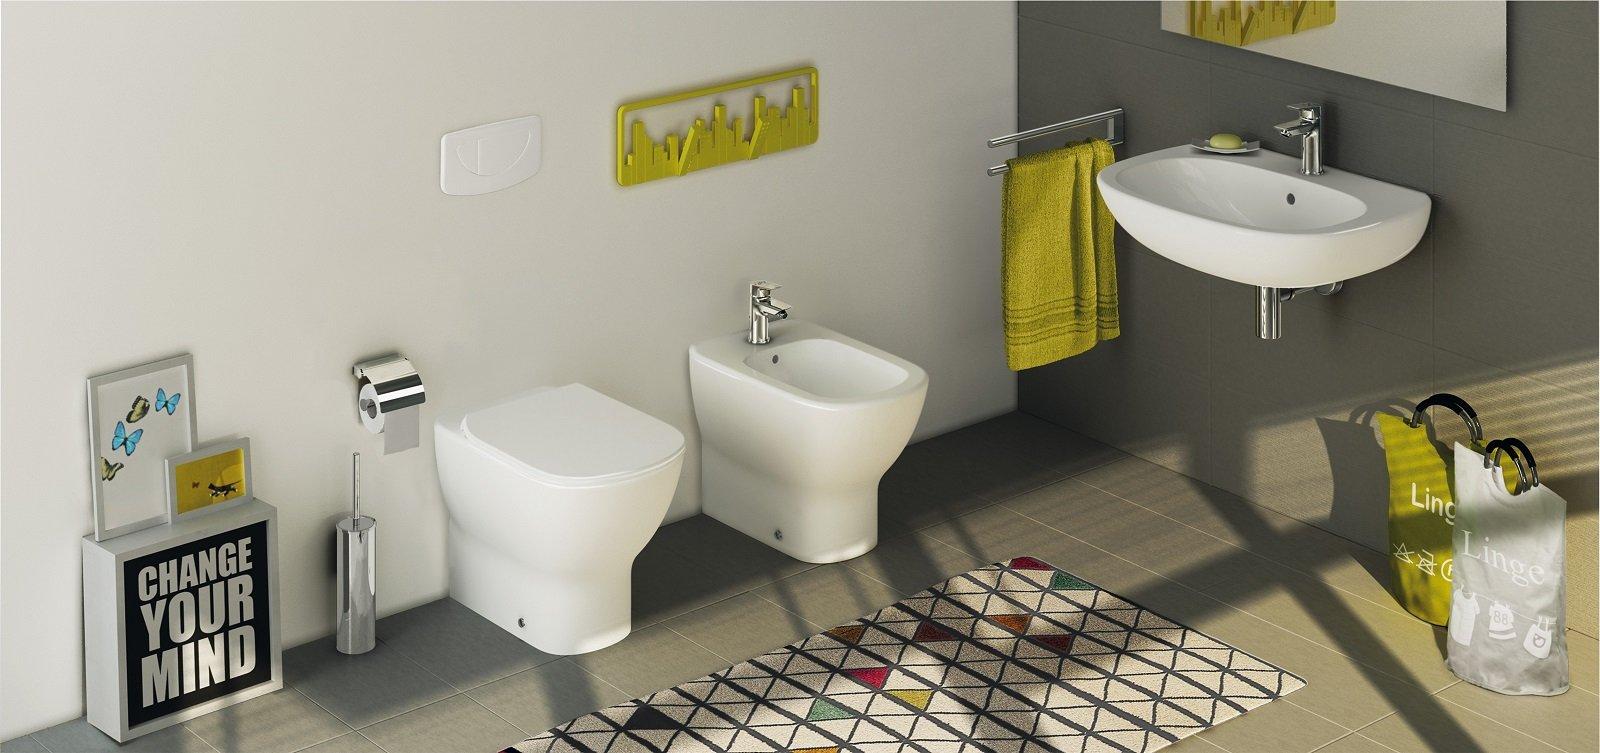 Anche con un budget contenuto si può attrezzare un nuovo bagno